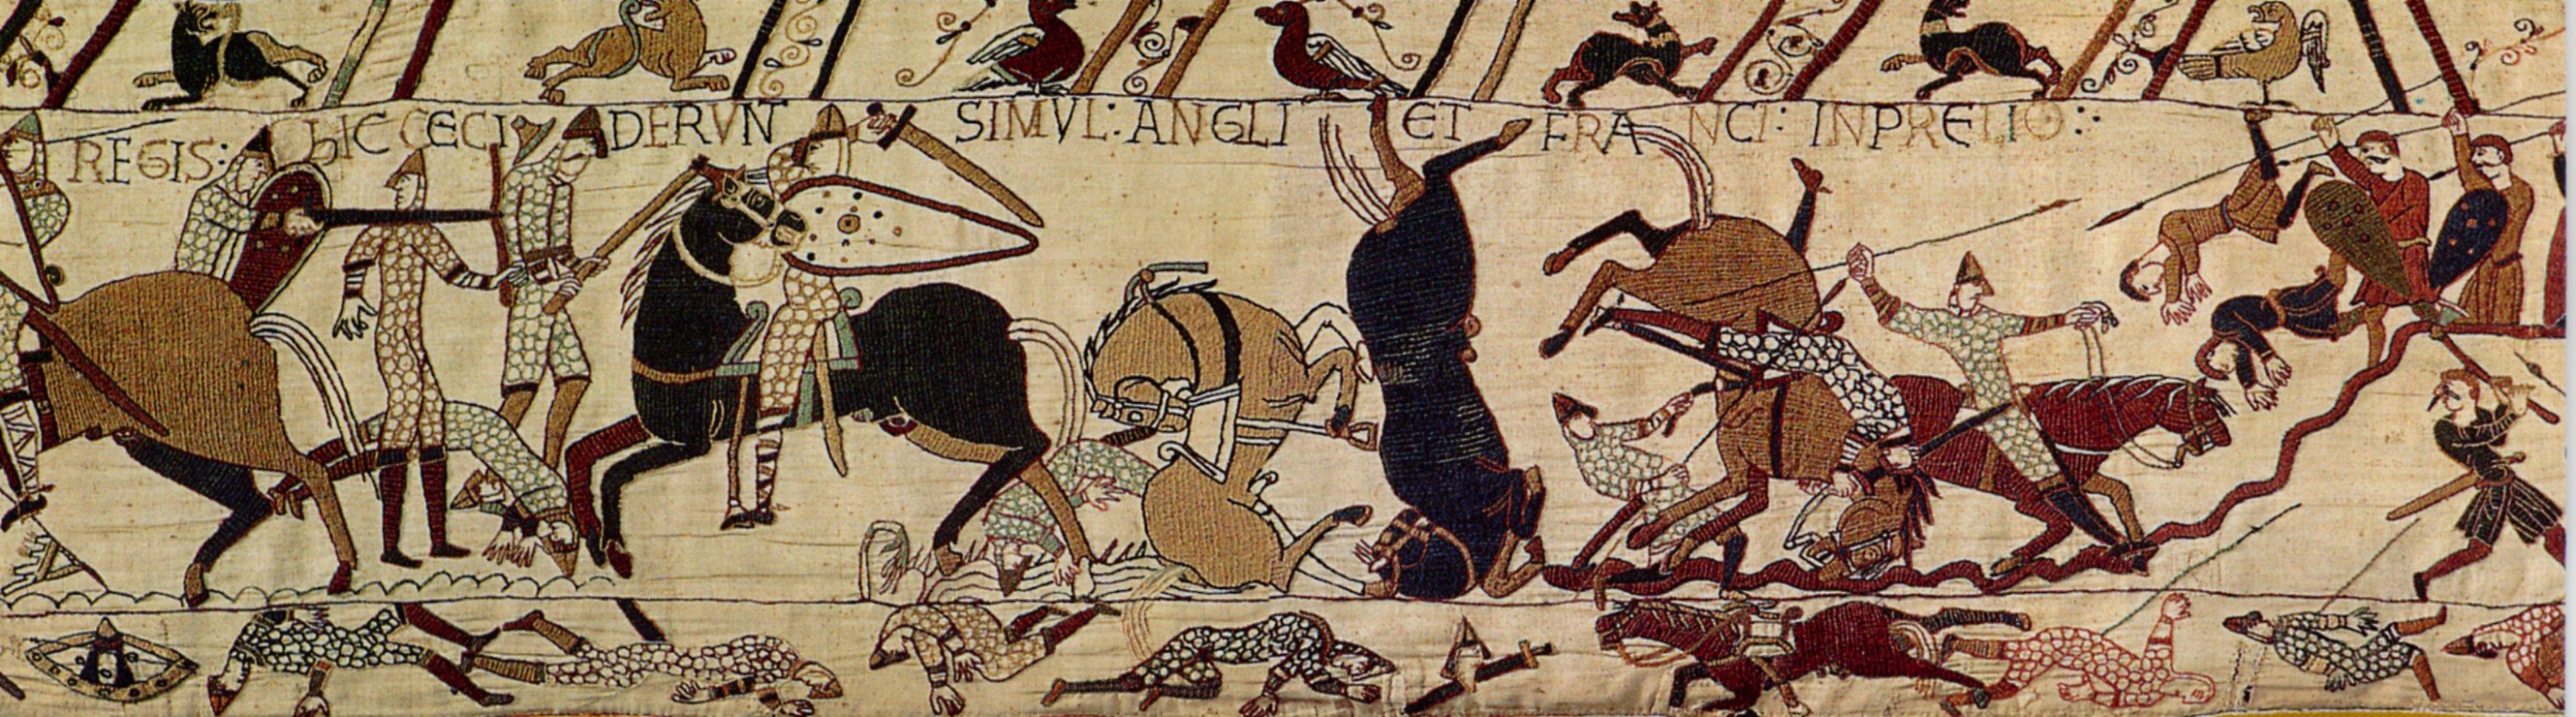 Tapisserie de bayeux t pfferiana - Qu est ce que la tapisserie de bayeux ...